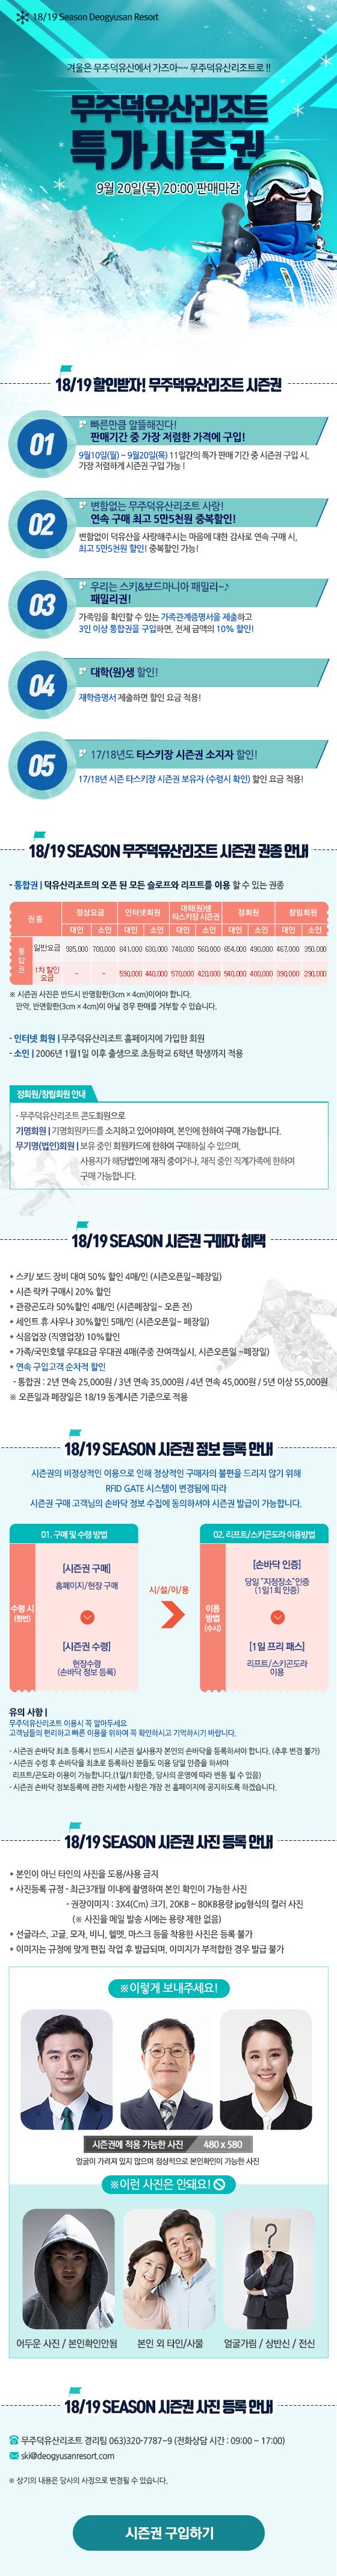 18/19 동계시즌 특가시즌권 안내